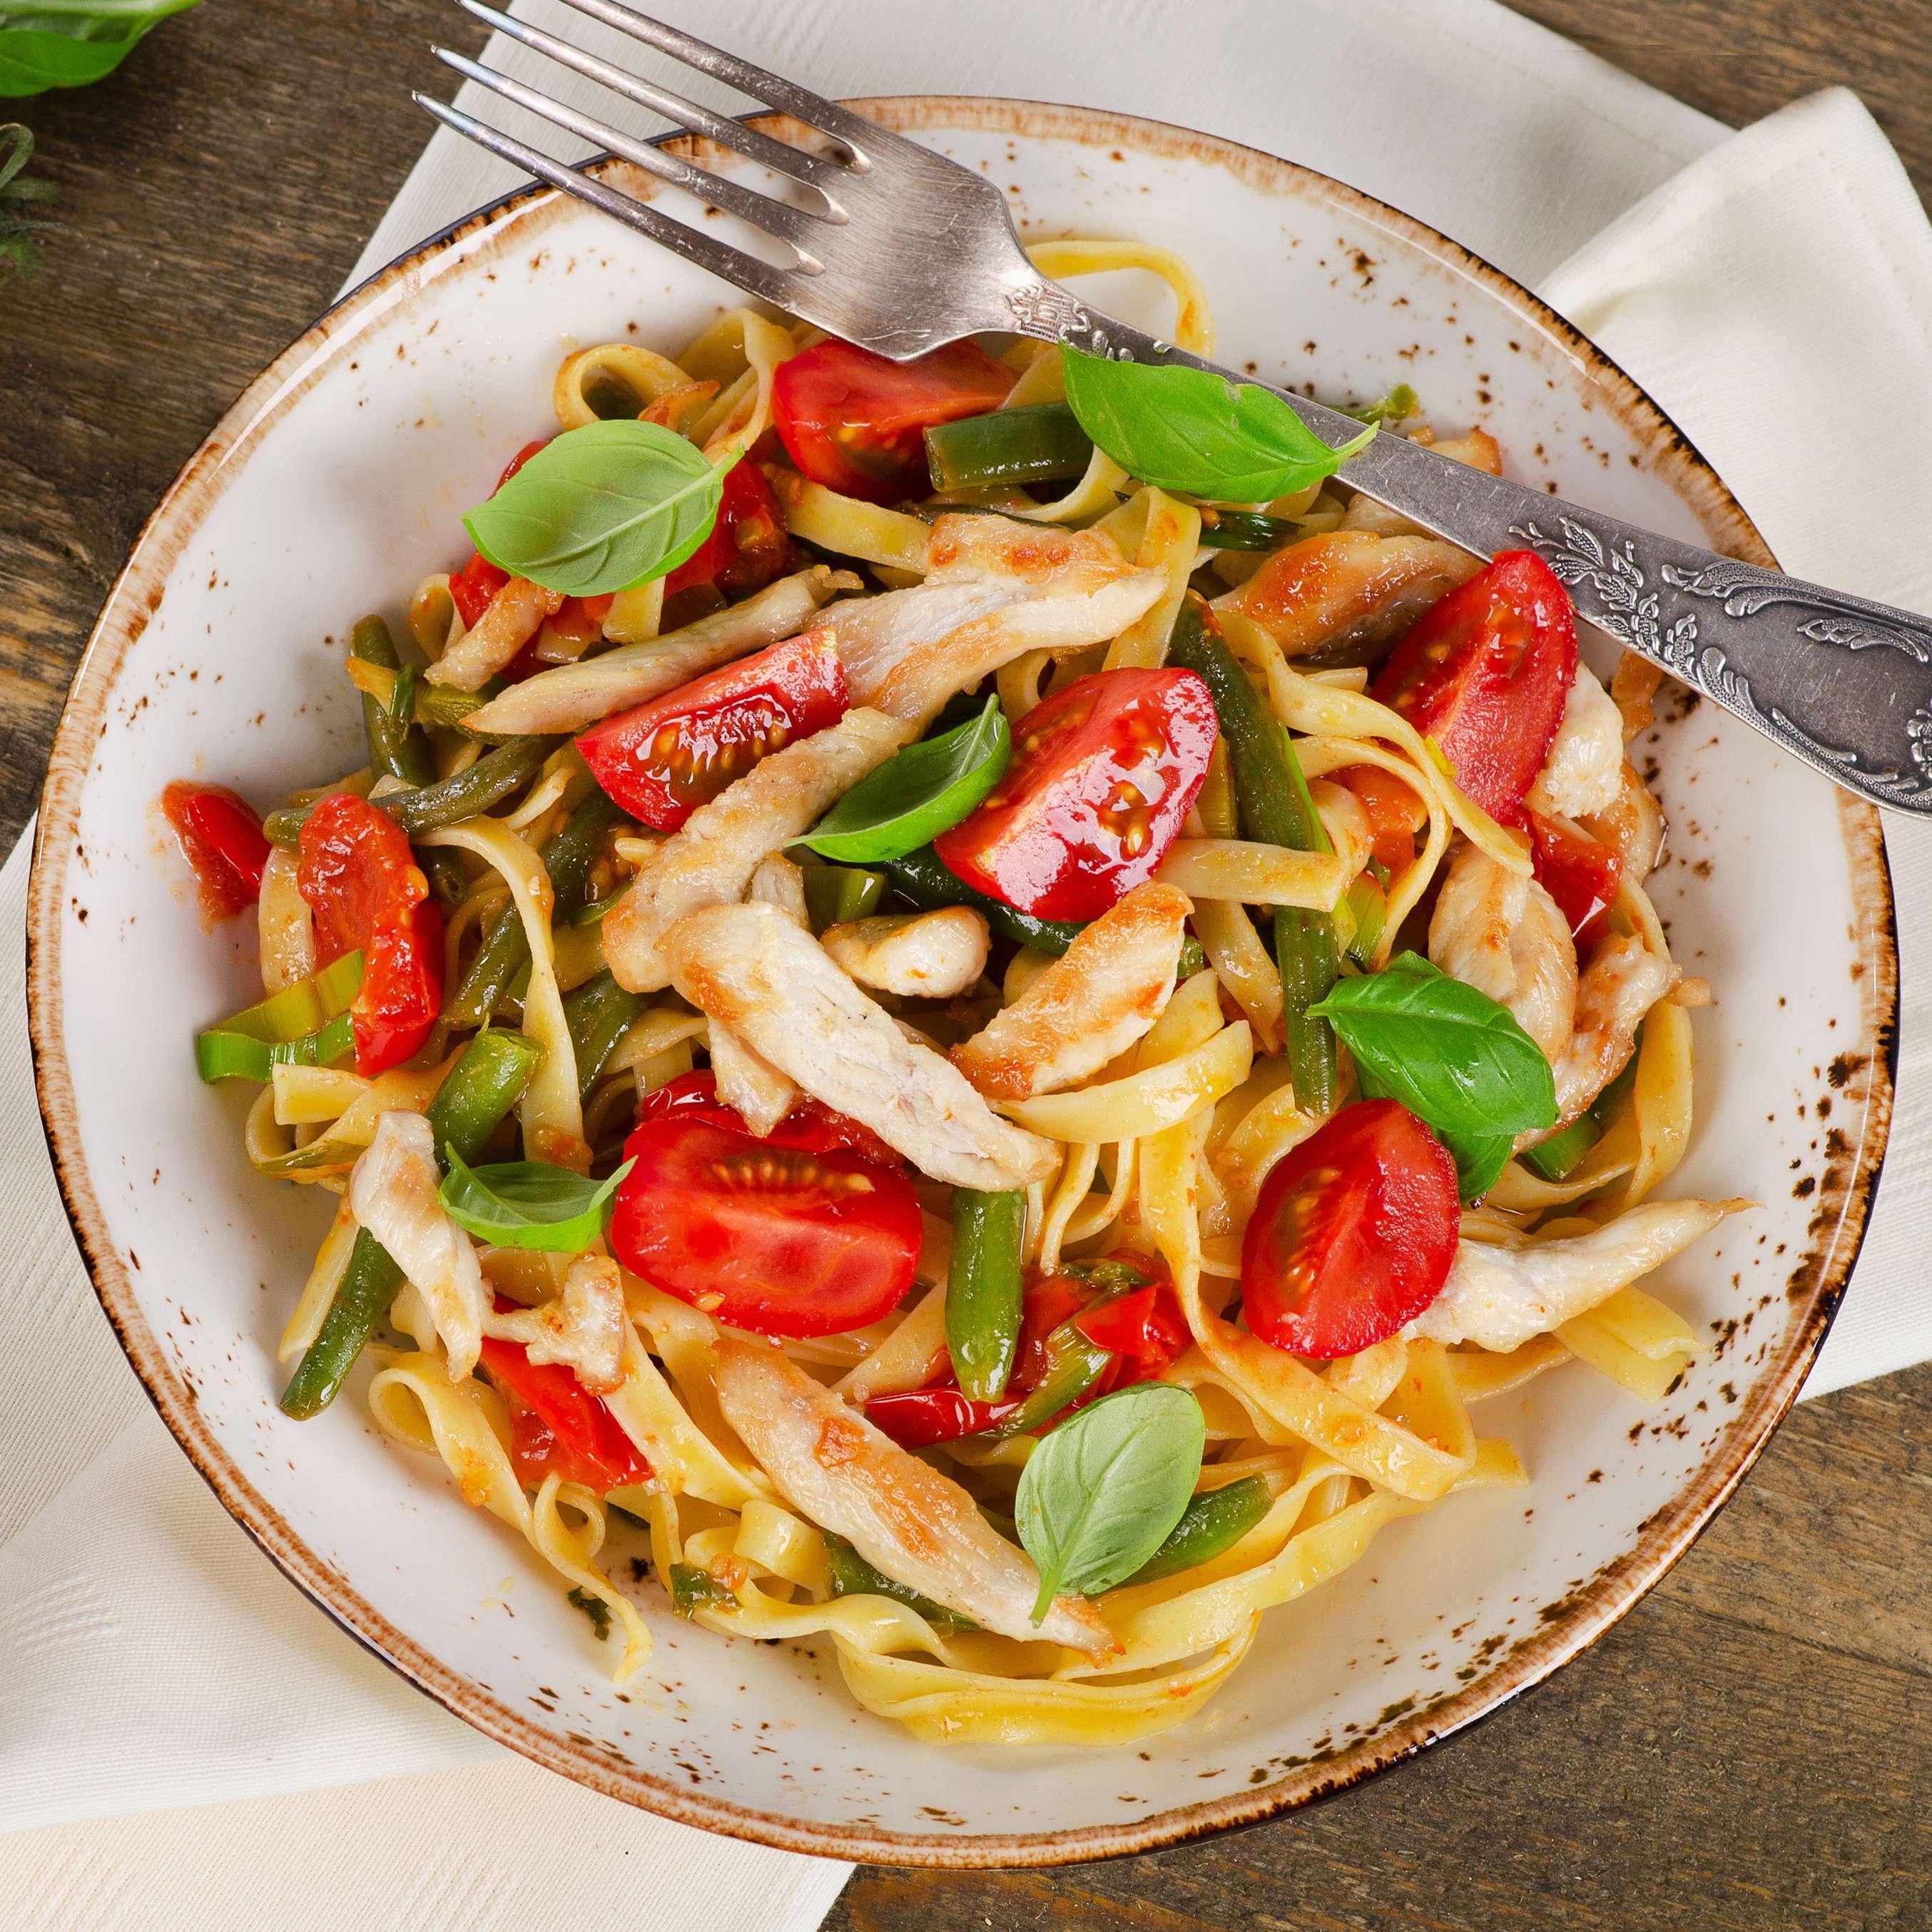 Italienische Hahnchen Pasta Rezept Kaufland